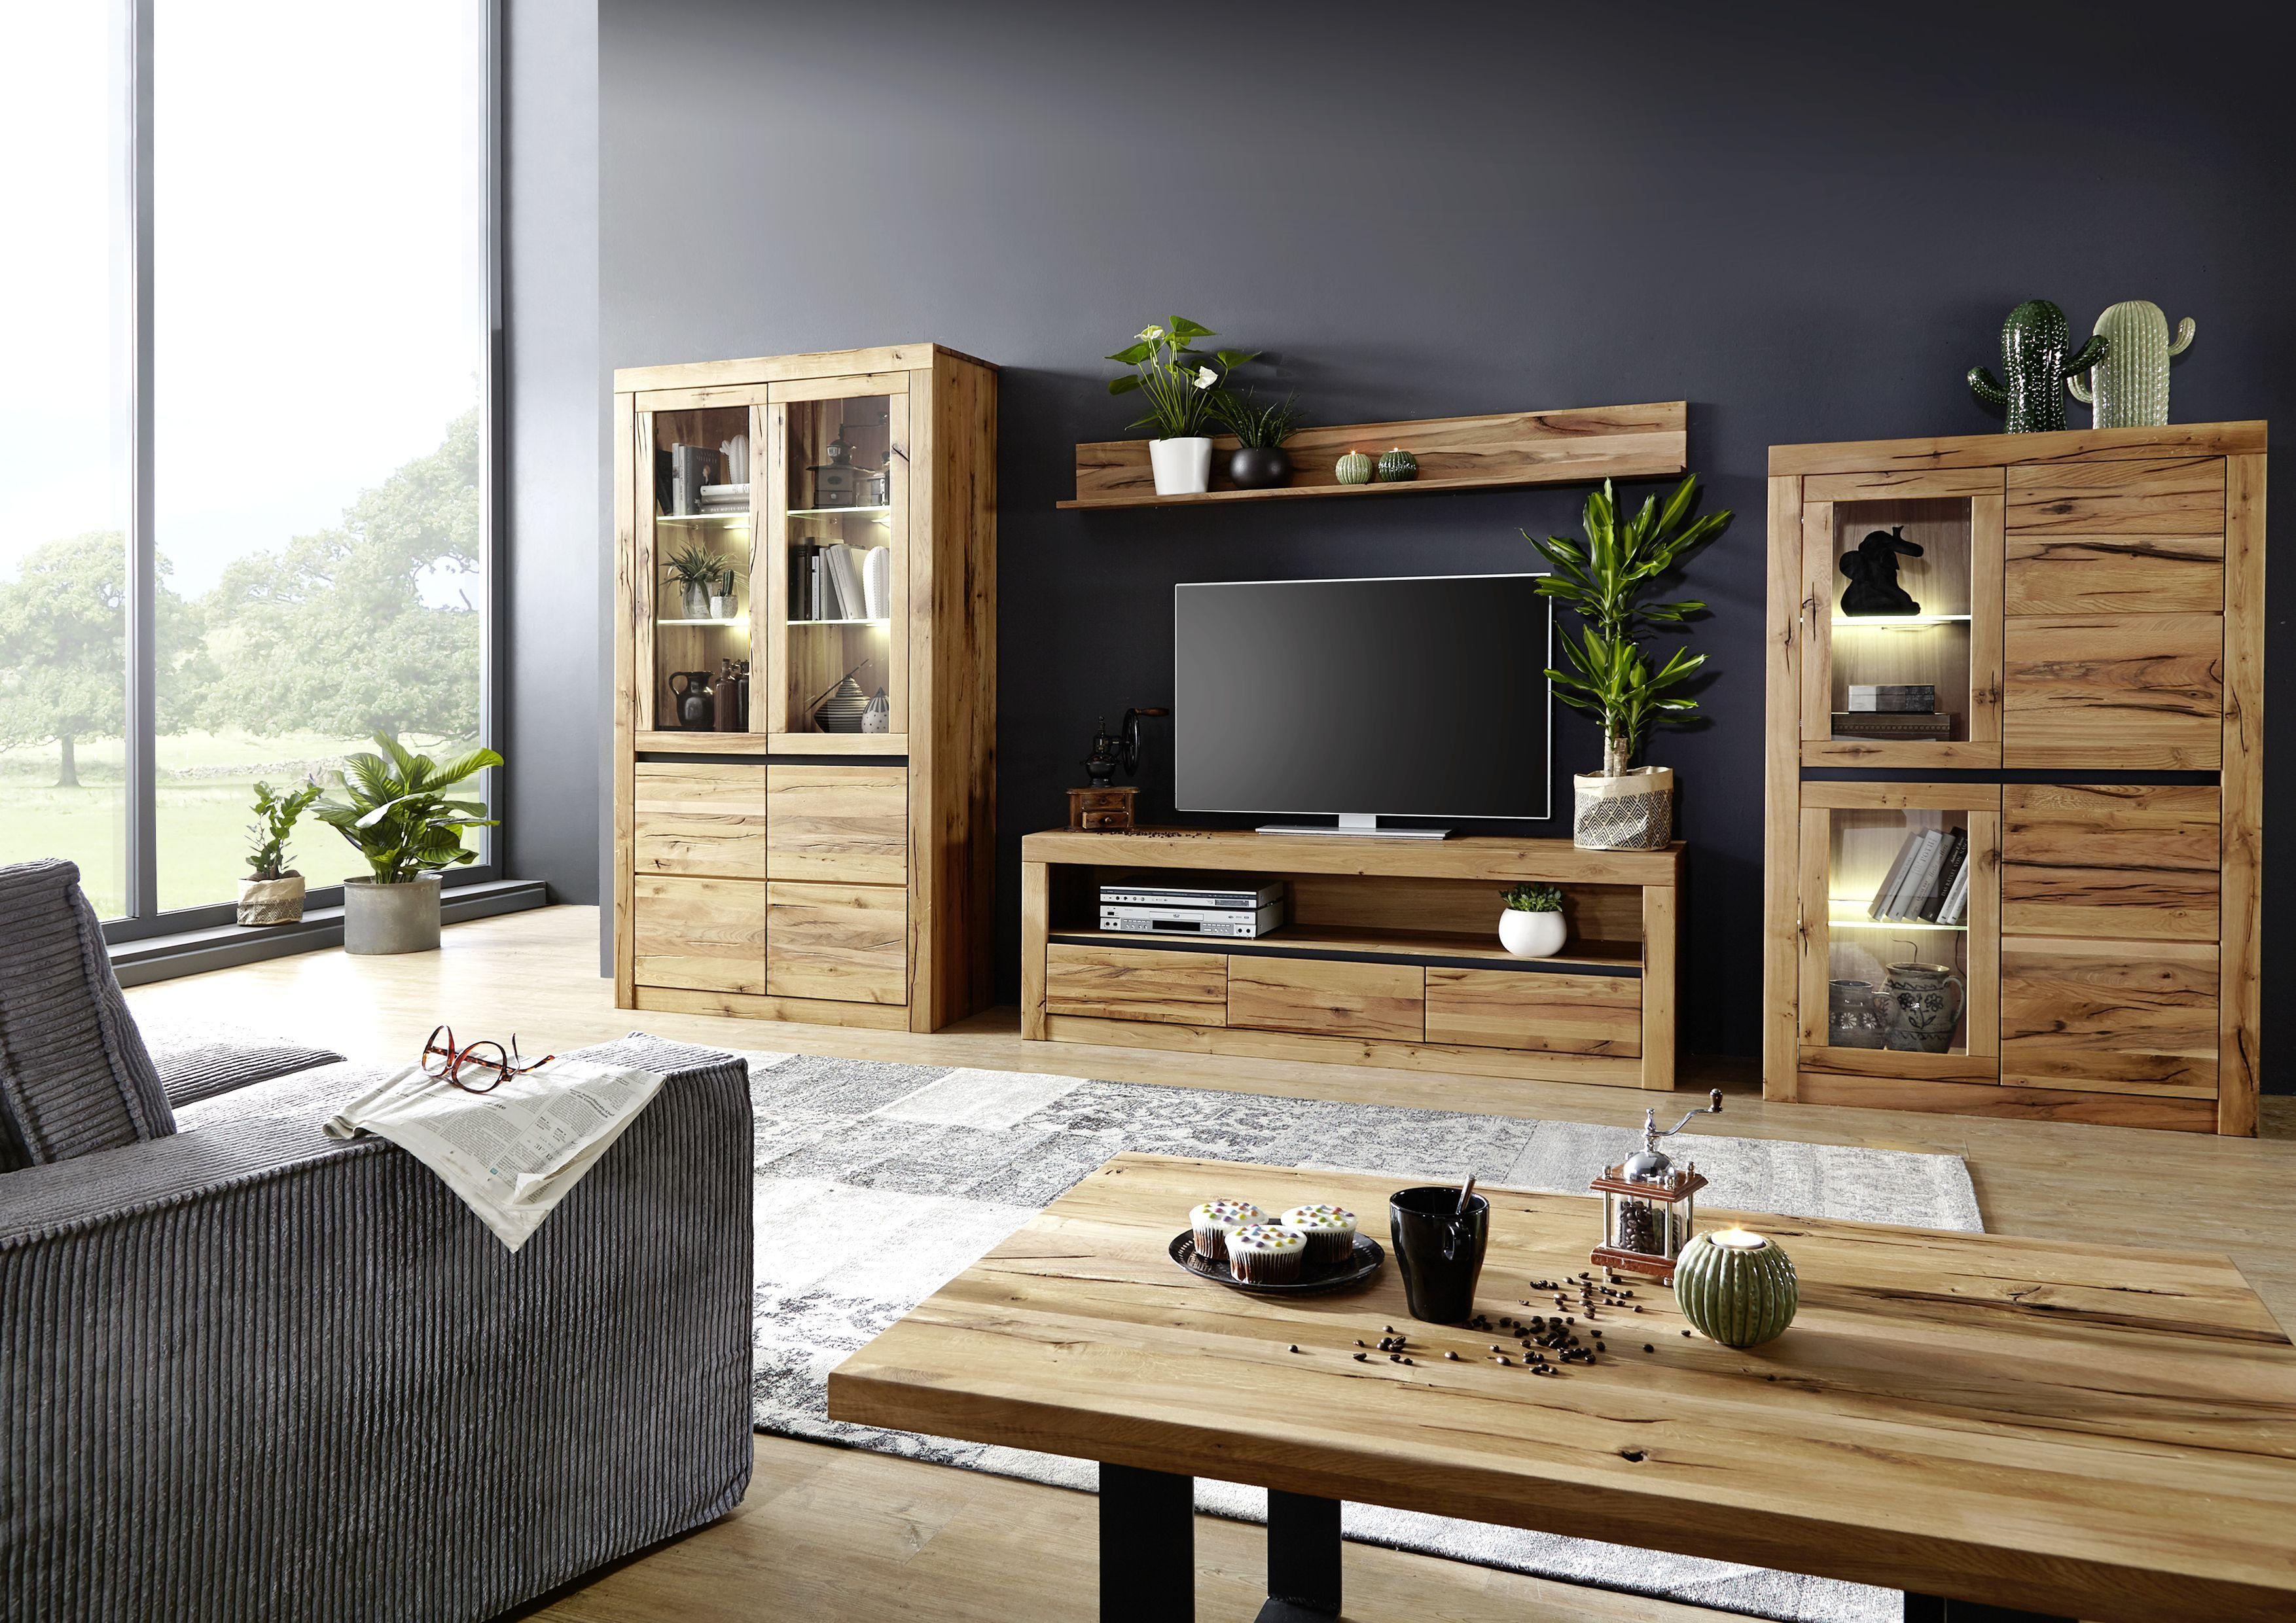 Wohnzimmermöbel Holz ~ Unsere montreux möbel bestehen aus ganz besonderem holz der